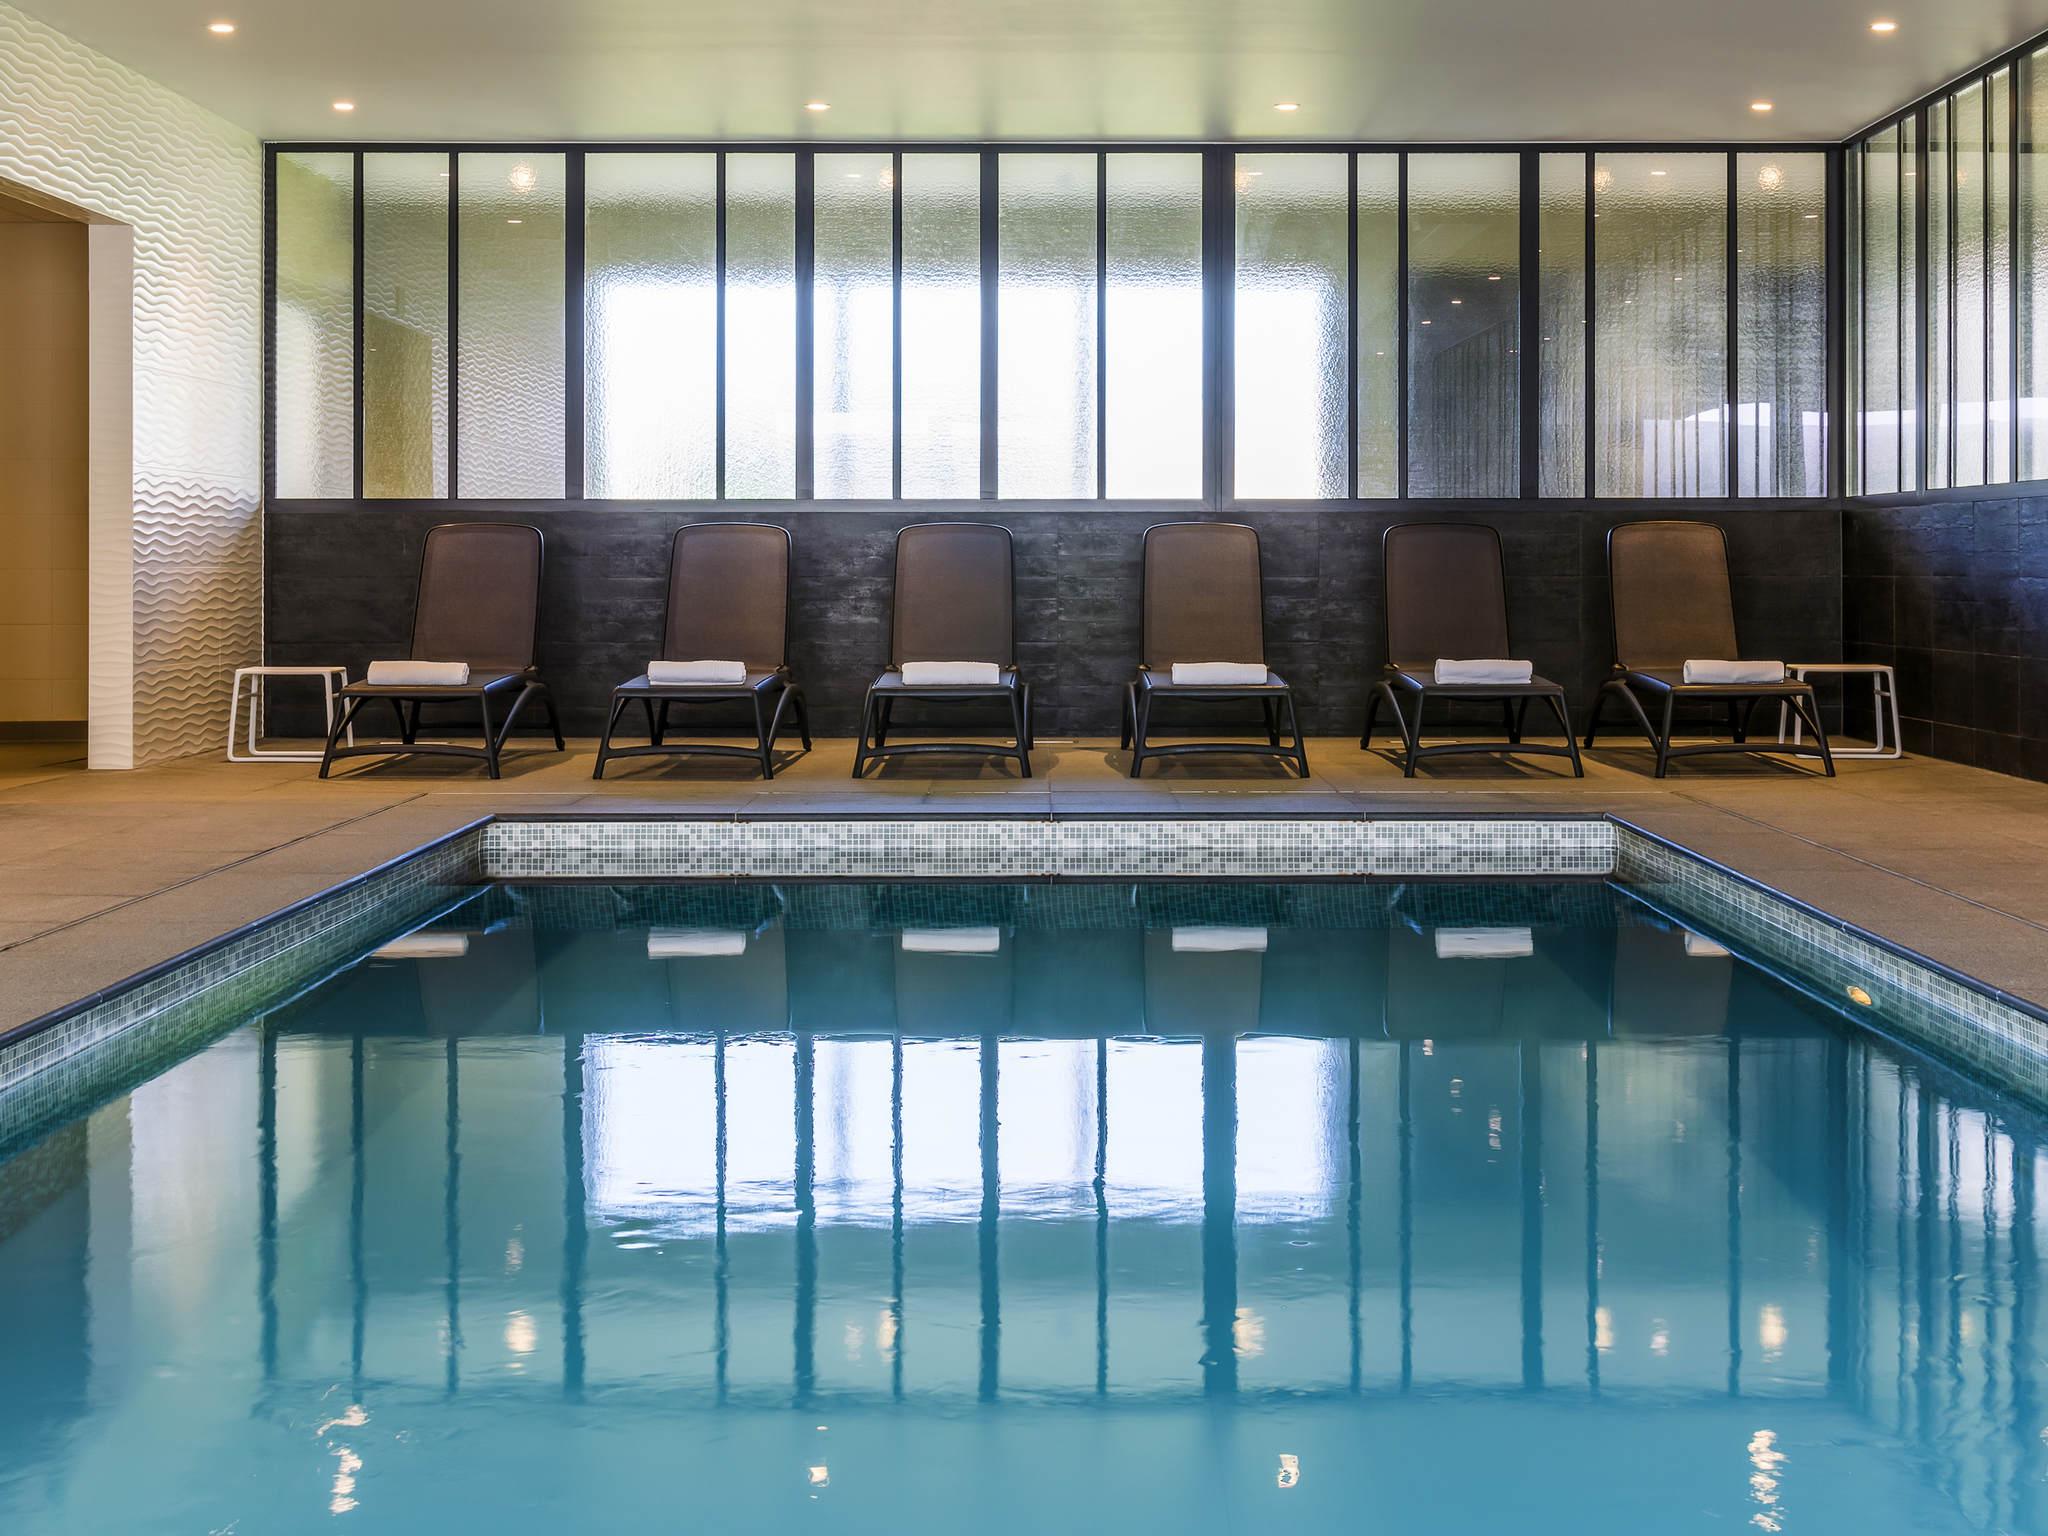 โรงแรม – ไอบิส สไตล์ นิวพอร์ท